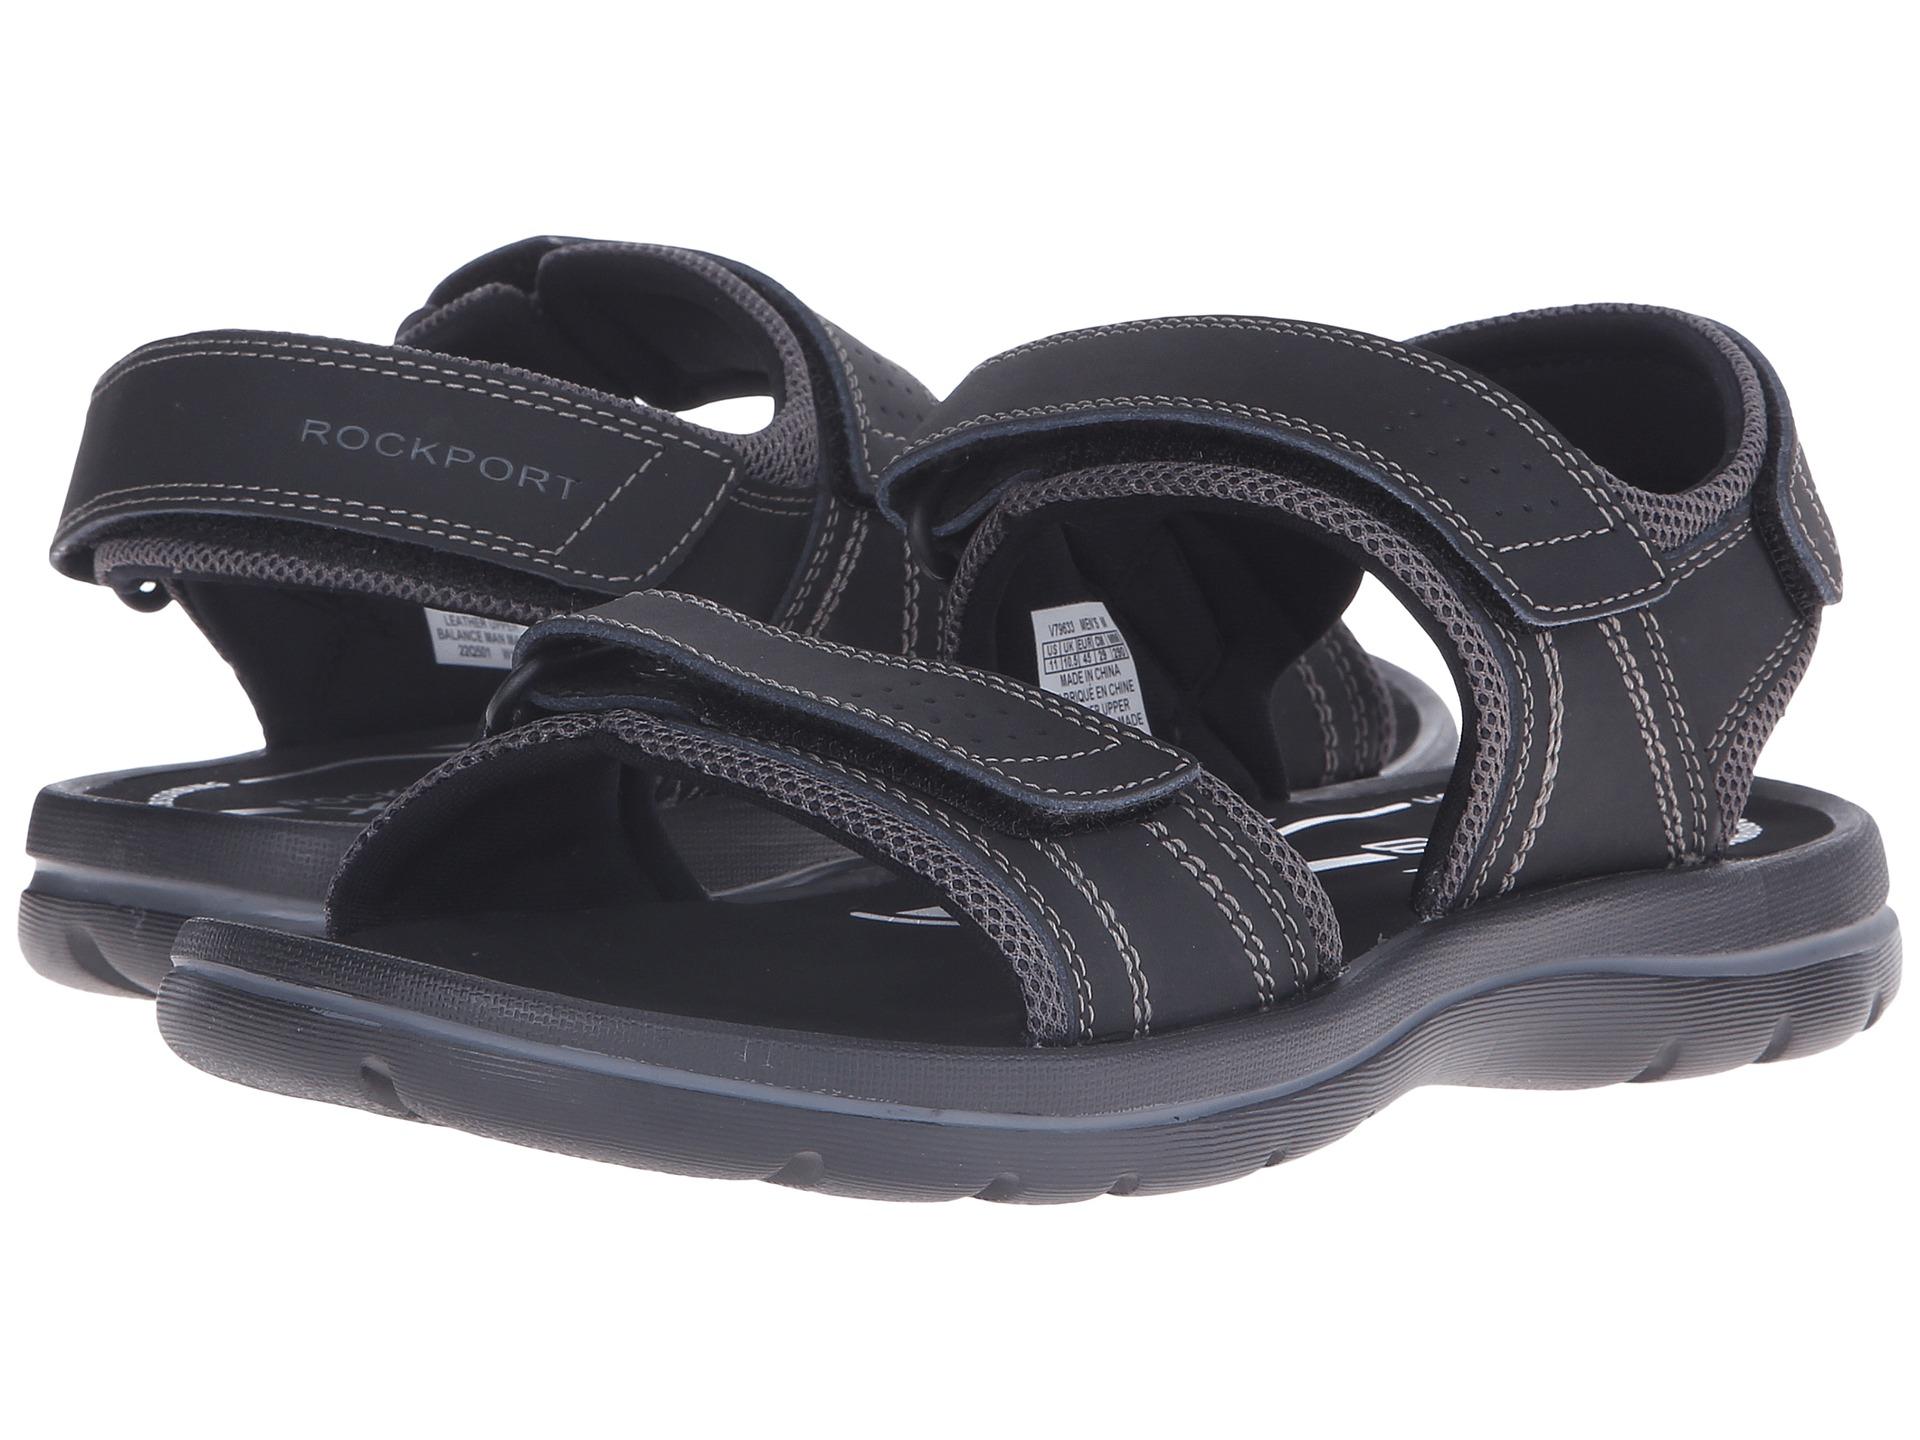 Rockport Get Your Kicks Sandals Qtr Strap In Black For Men